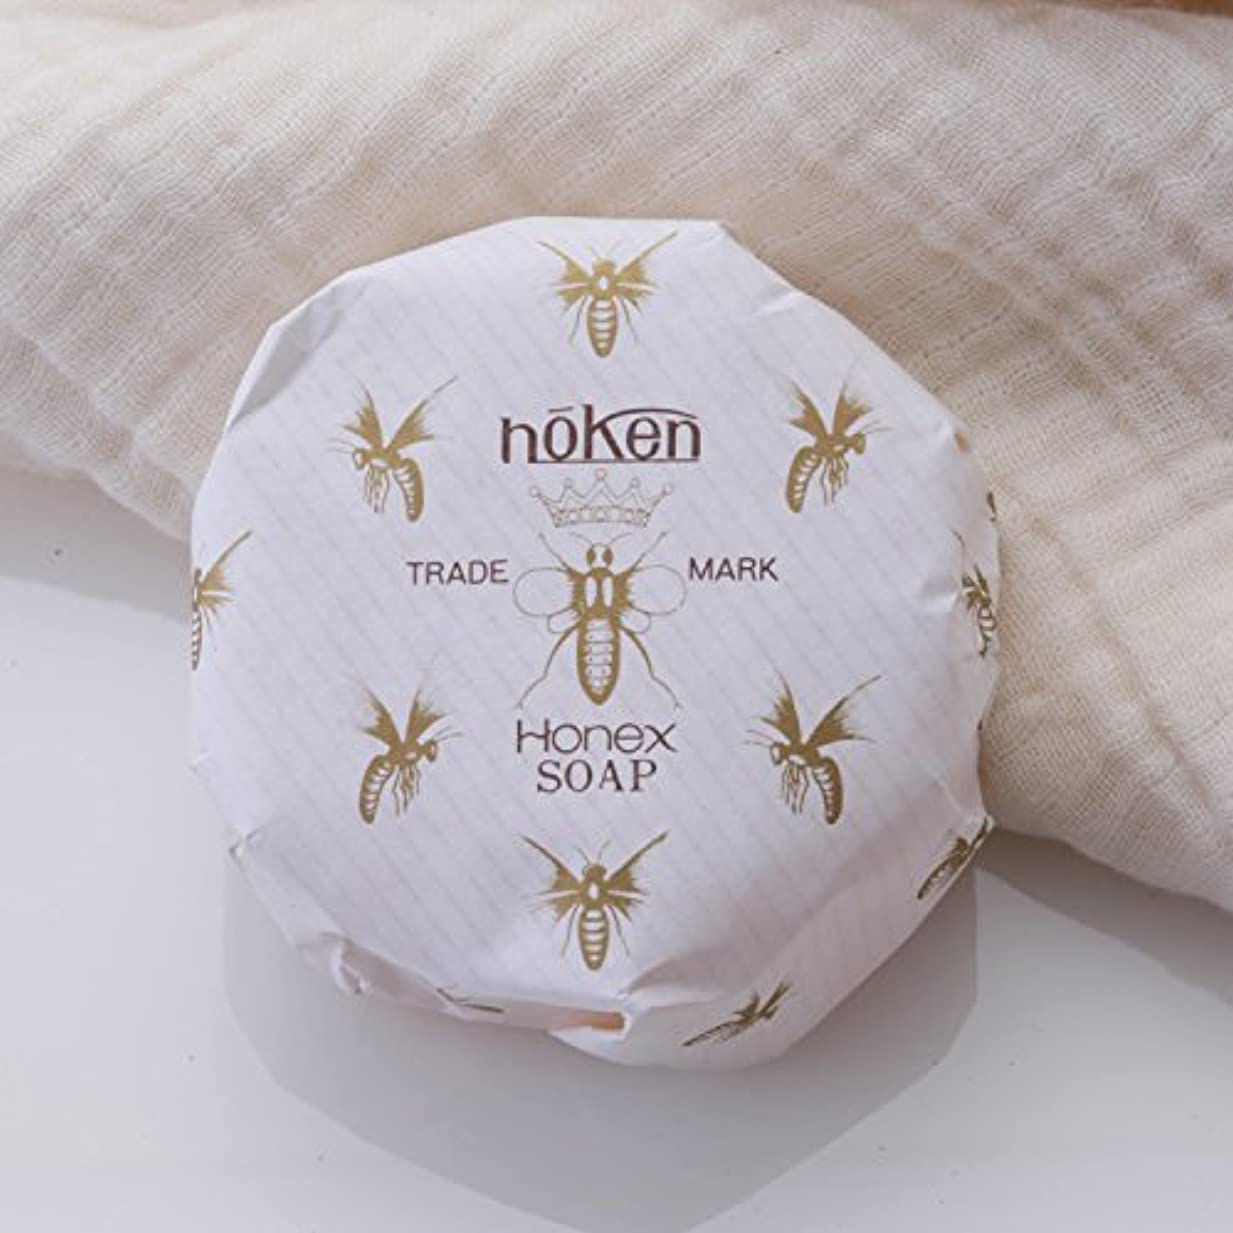 サンドイッチ材料委員会HOKEN/HONEYX ソープ 大